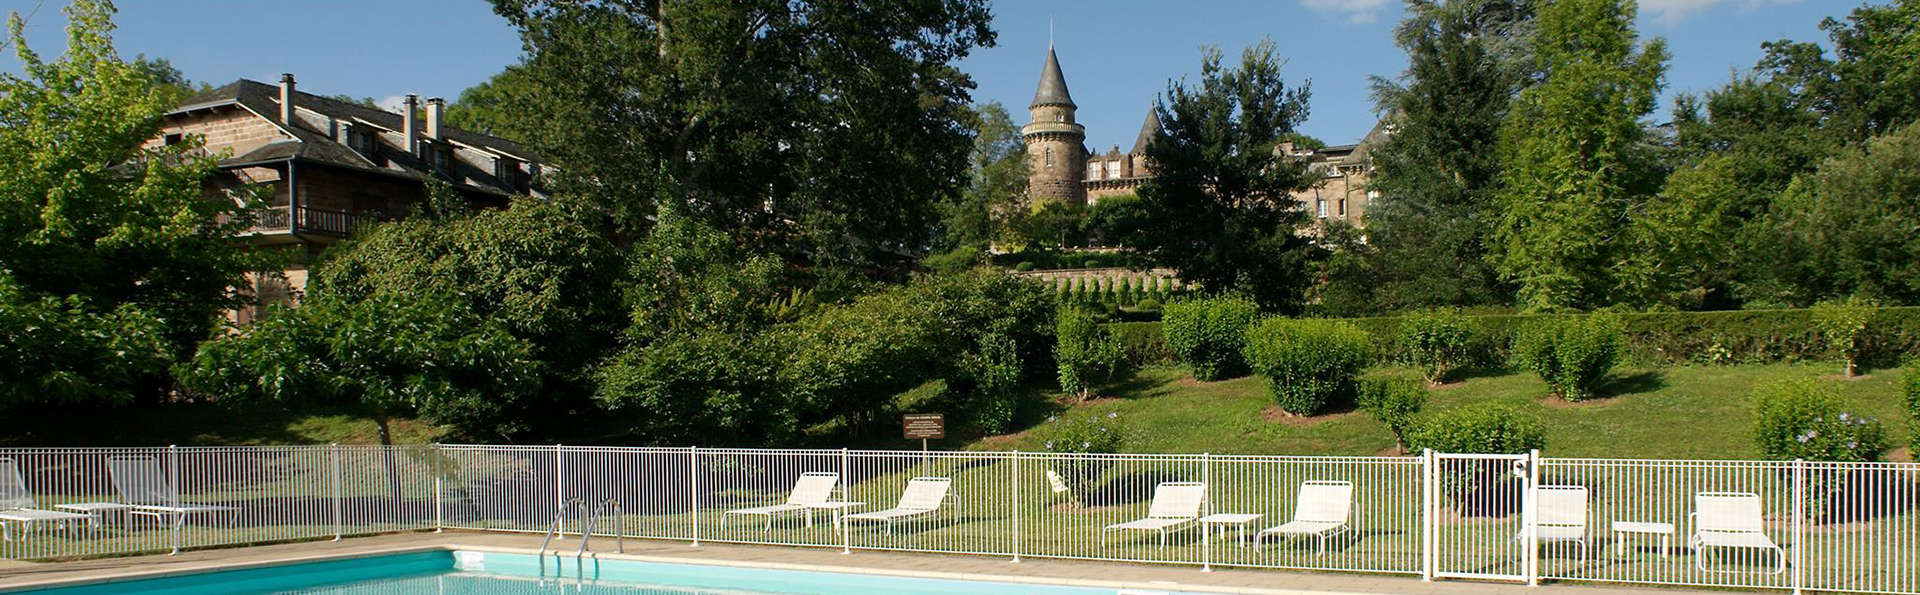 Escapade de charme dans un château au cœur du Limousin